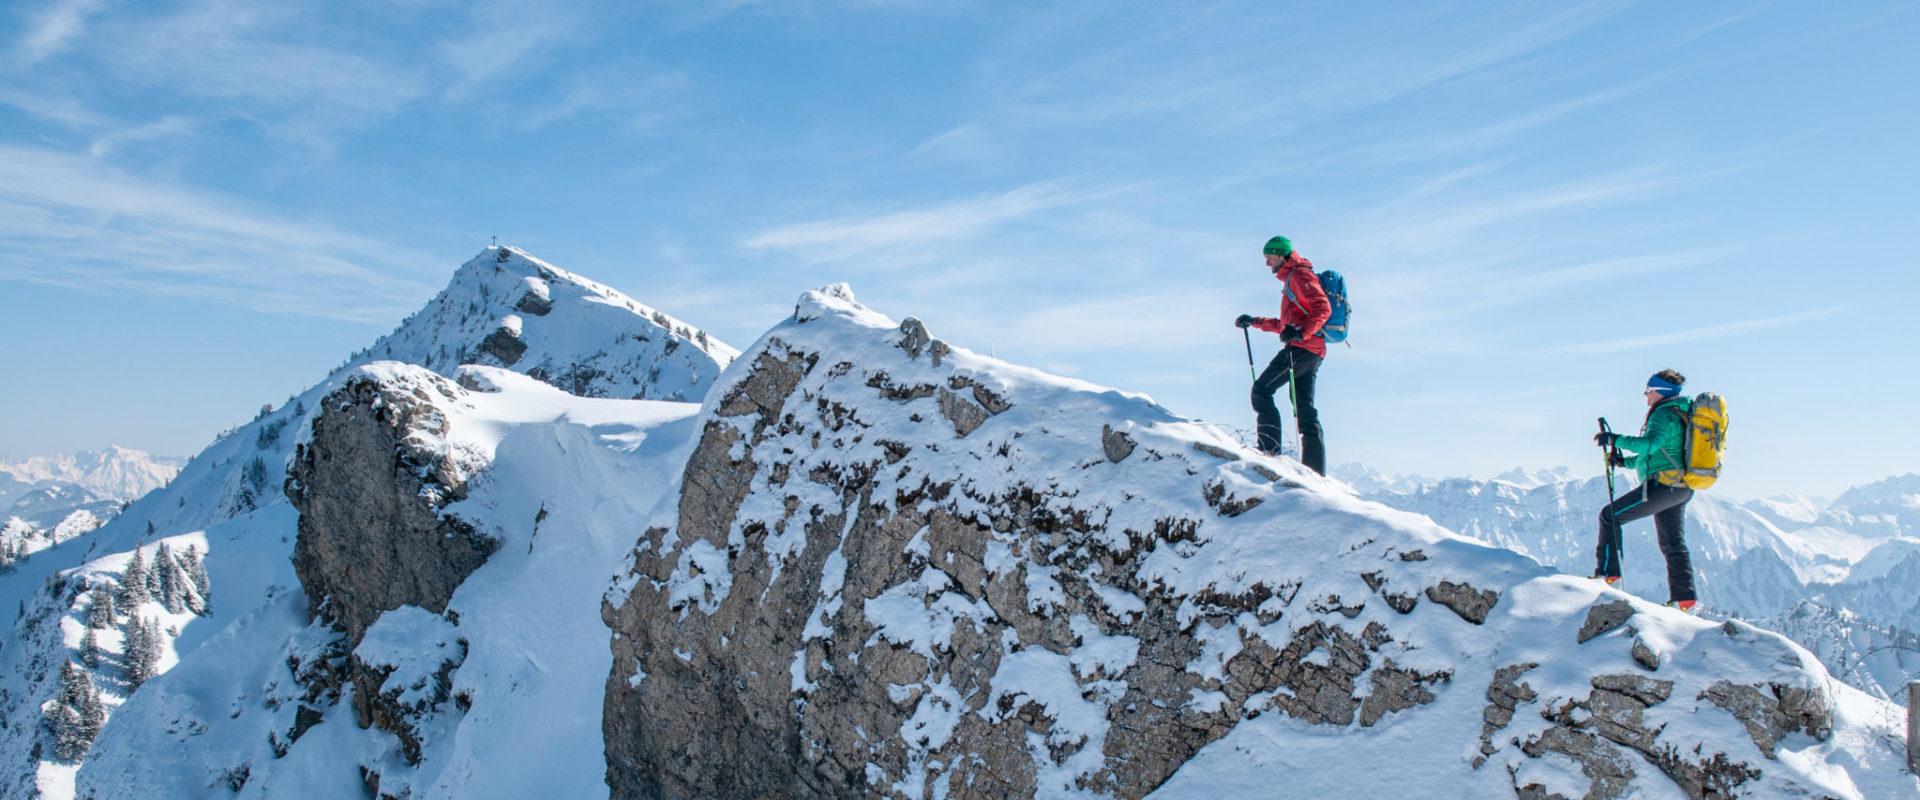 Skitour auf die Winterstaude kurz vor dem Gipfel © Birgit Gelder - Bregenzerwald Tourismus